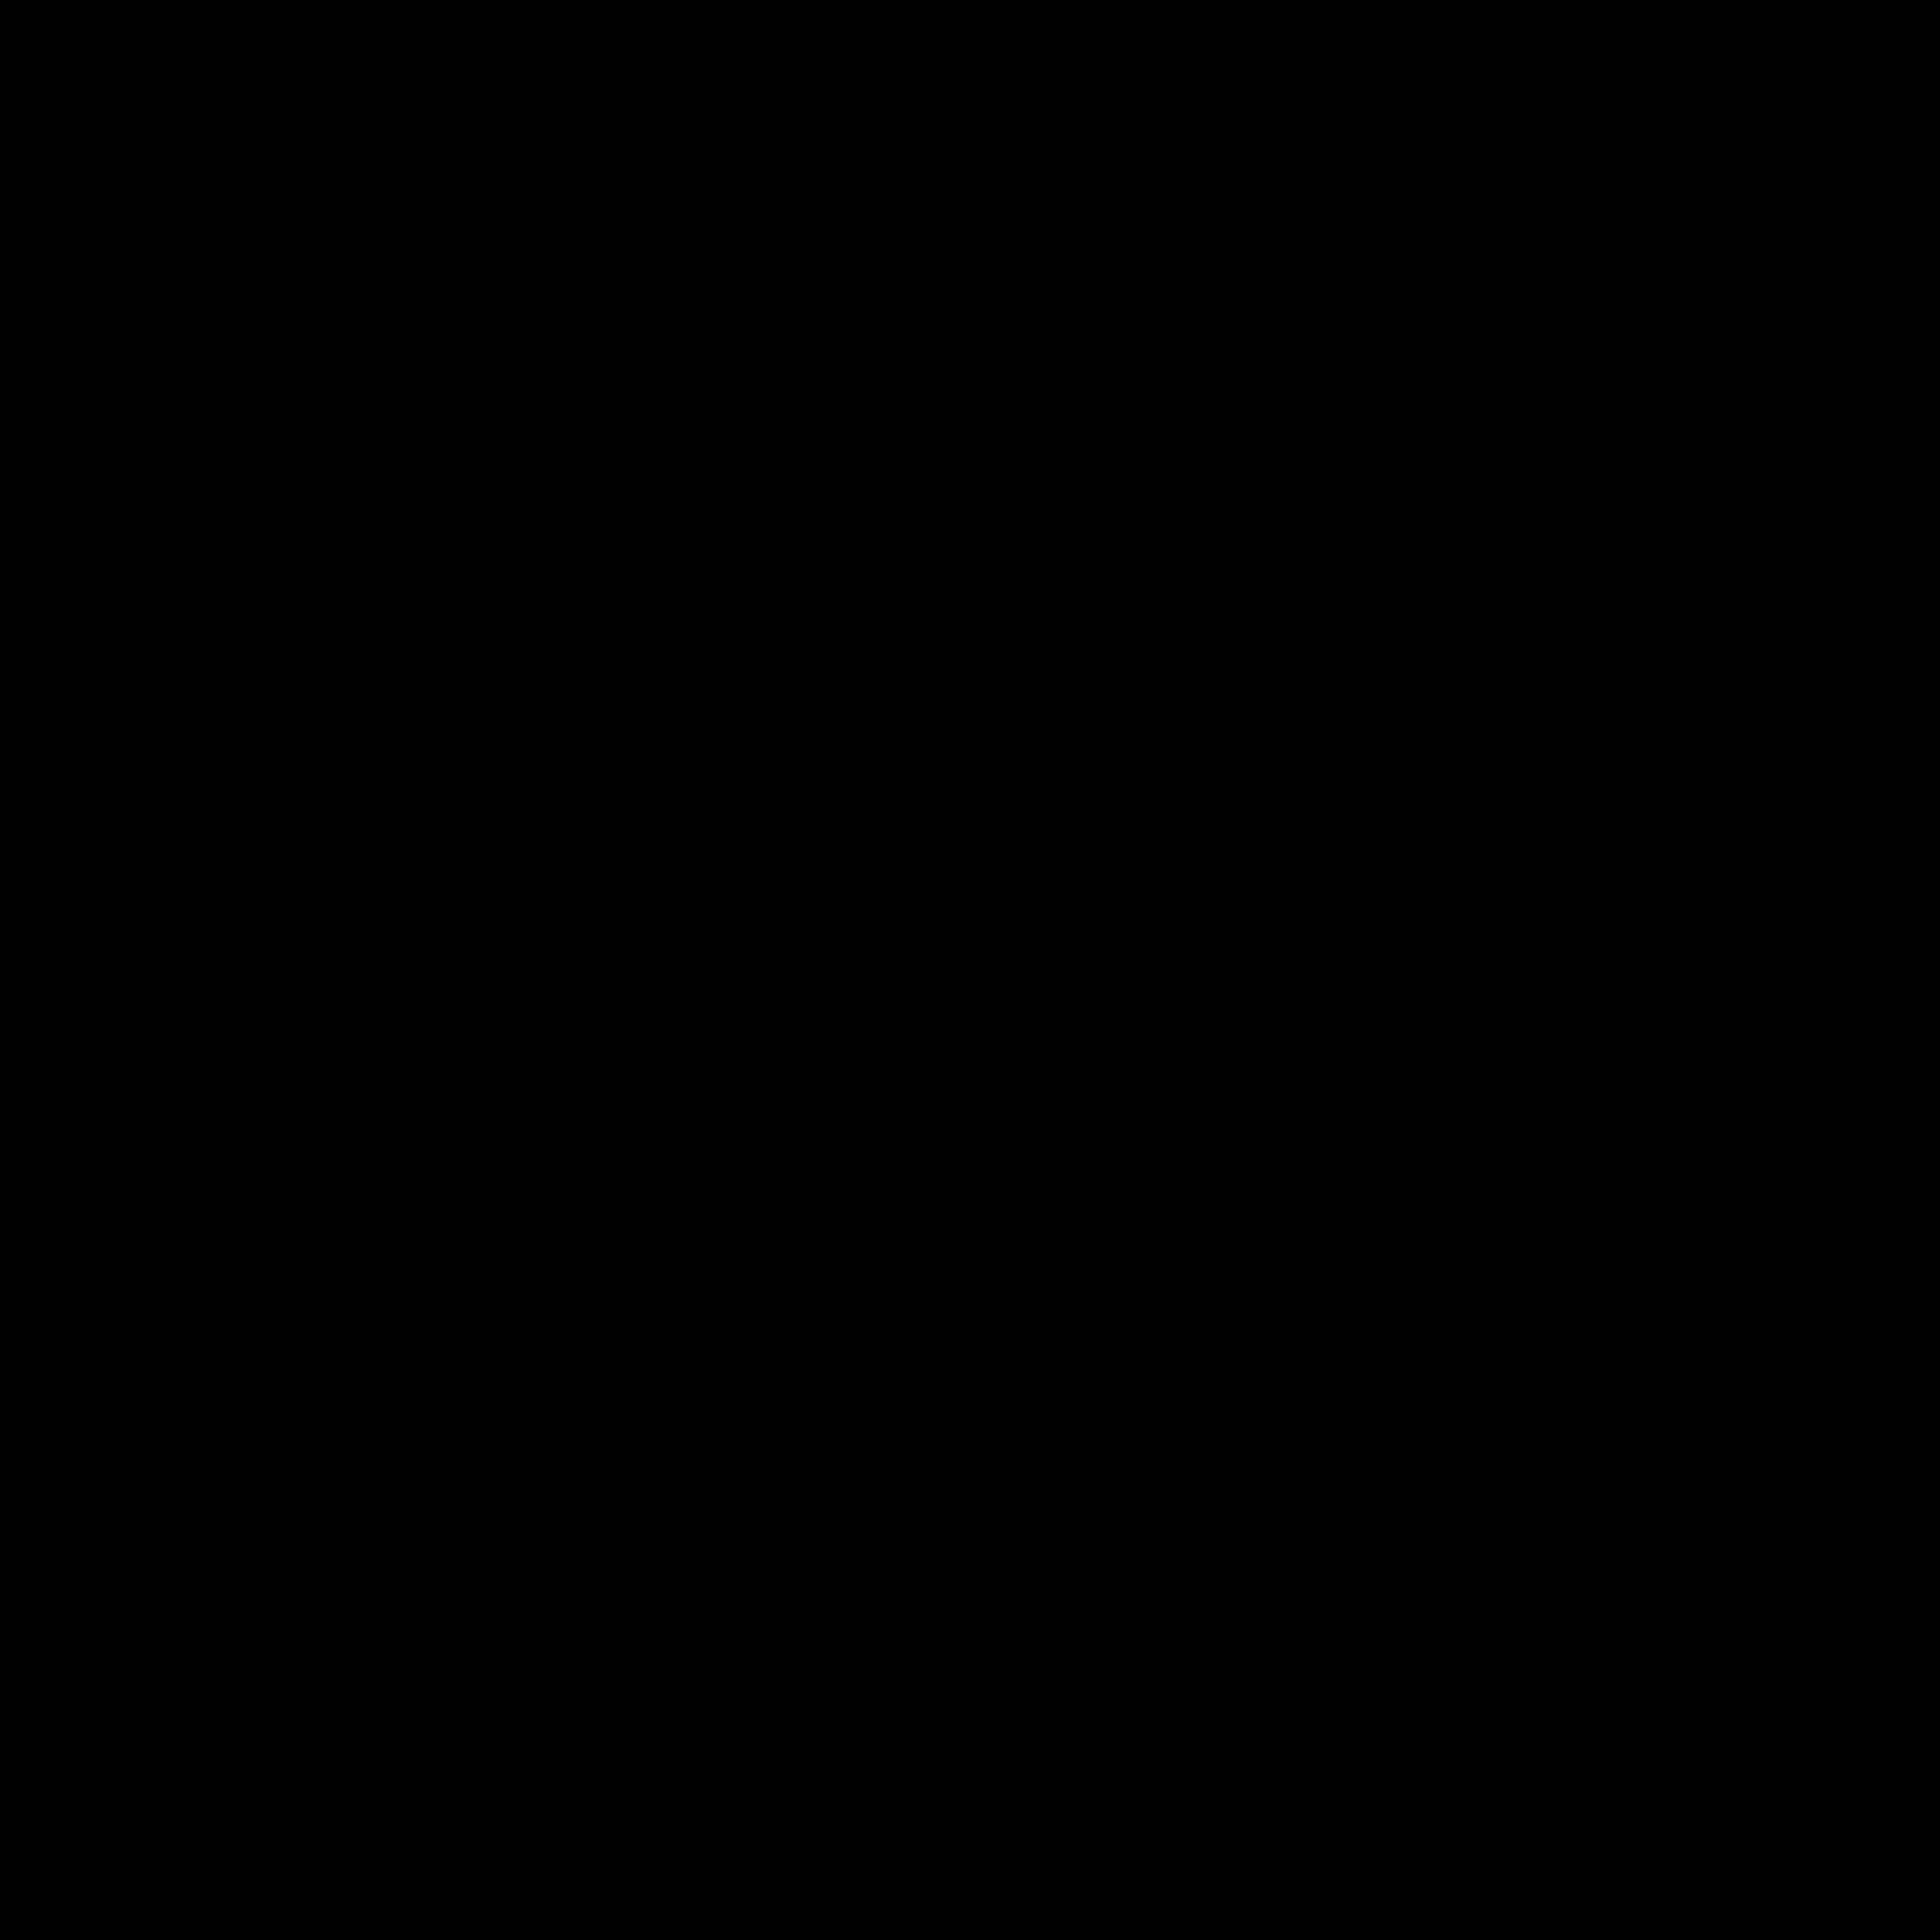 Noa Logo B&W-02.png